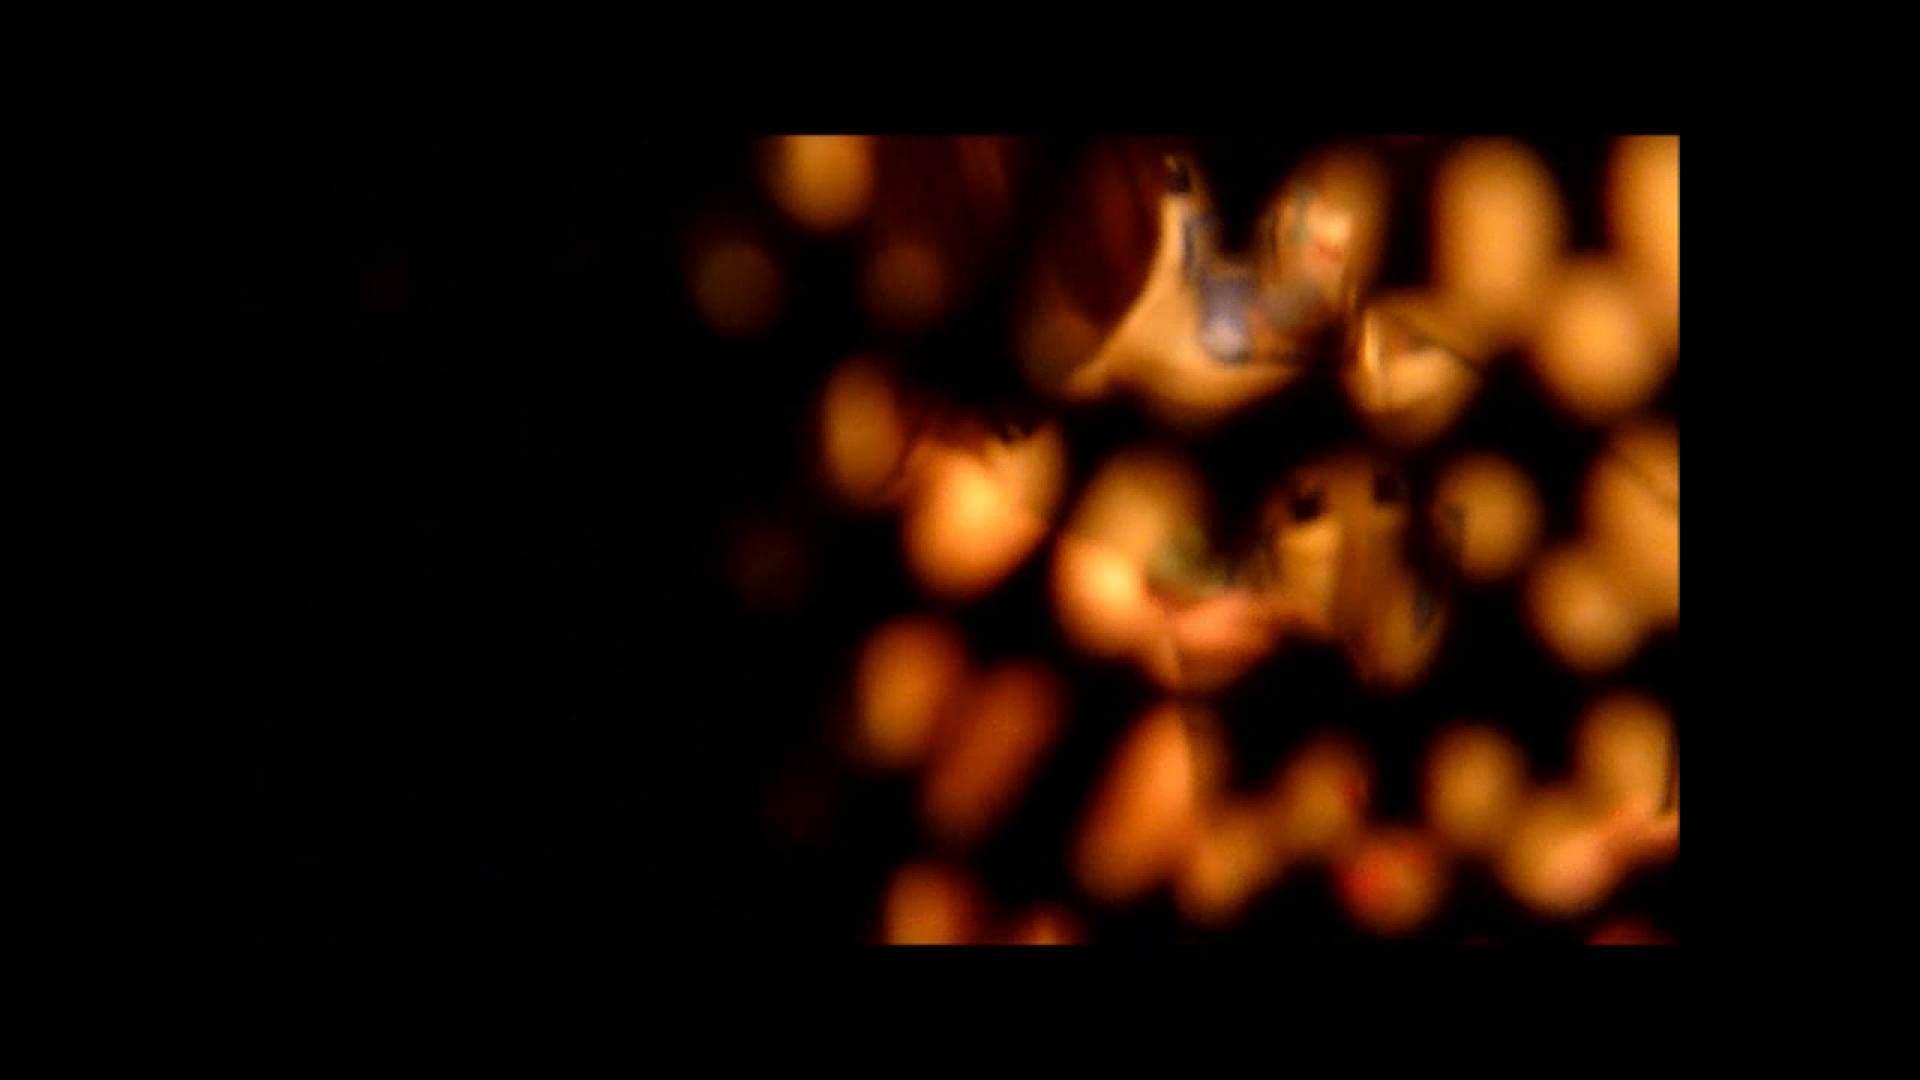 【02】ベランダに侵入して張り込みを始めて・・・やっと結果が出ました。 覗き ヌード画像 79pic 4